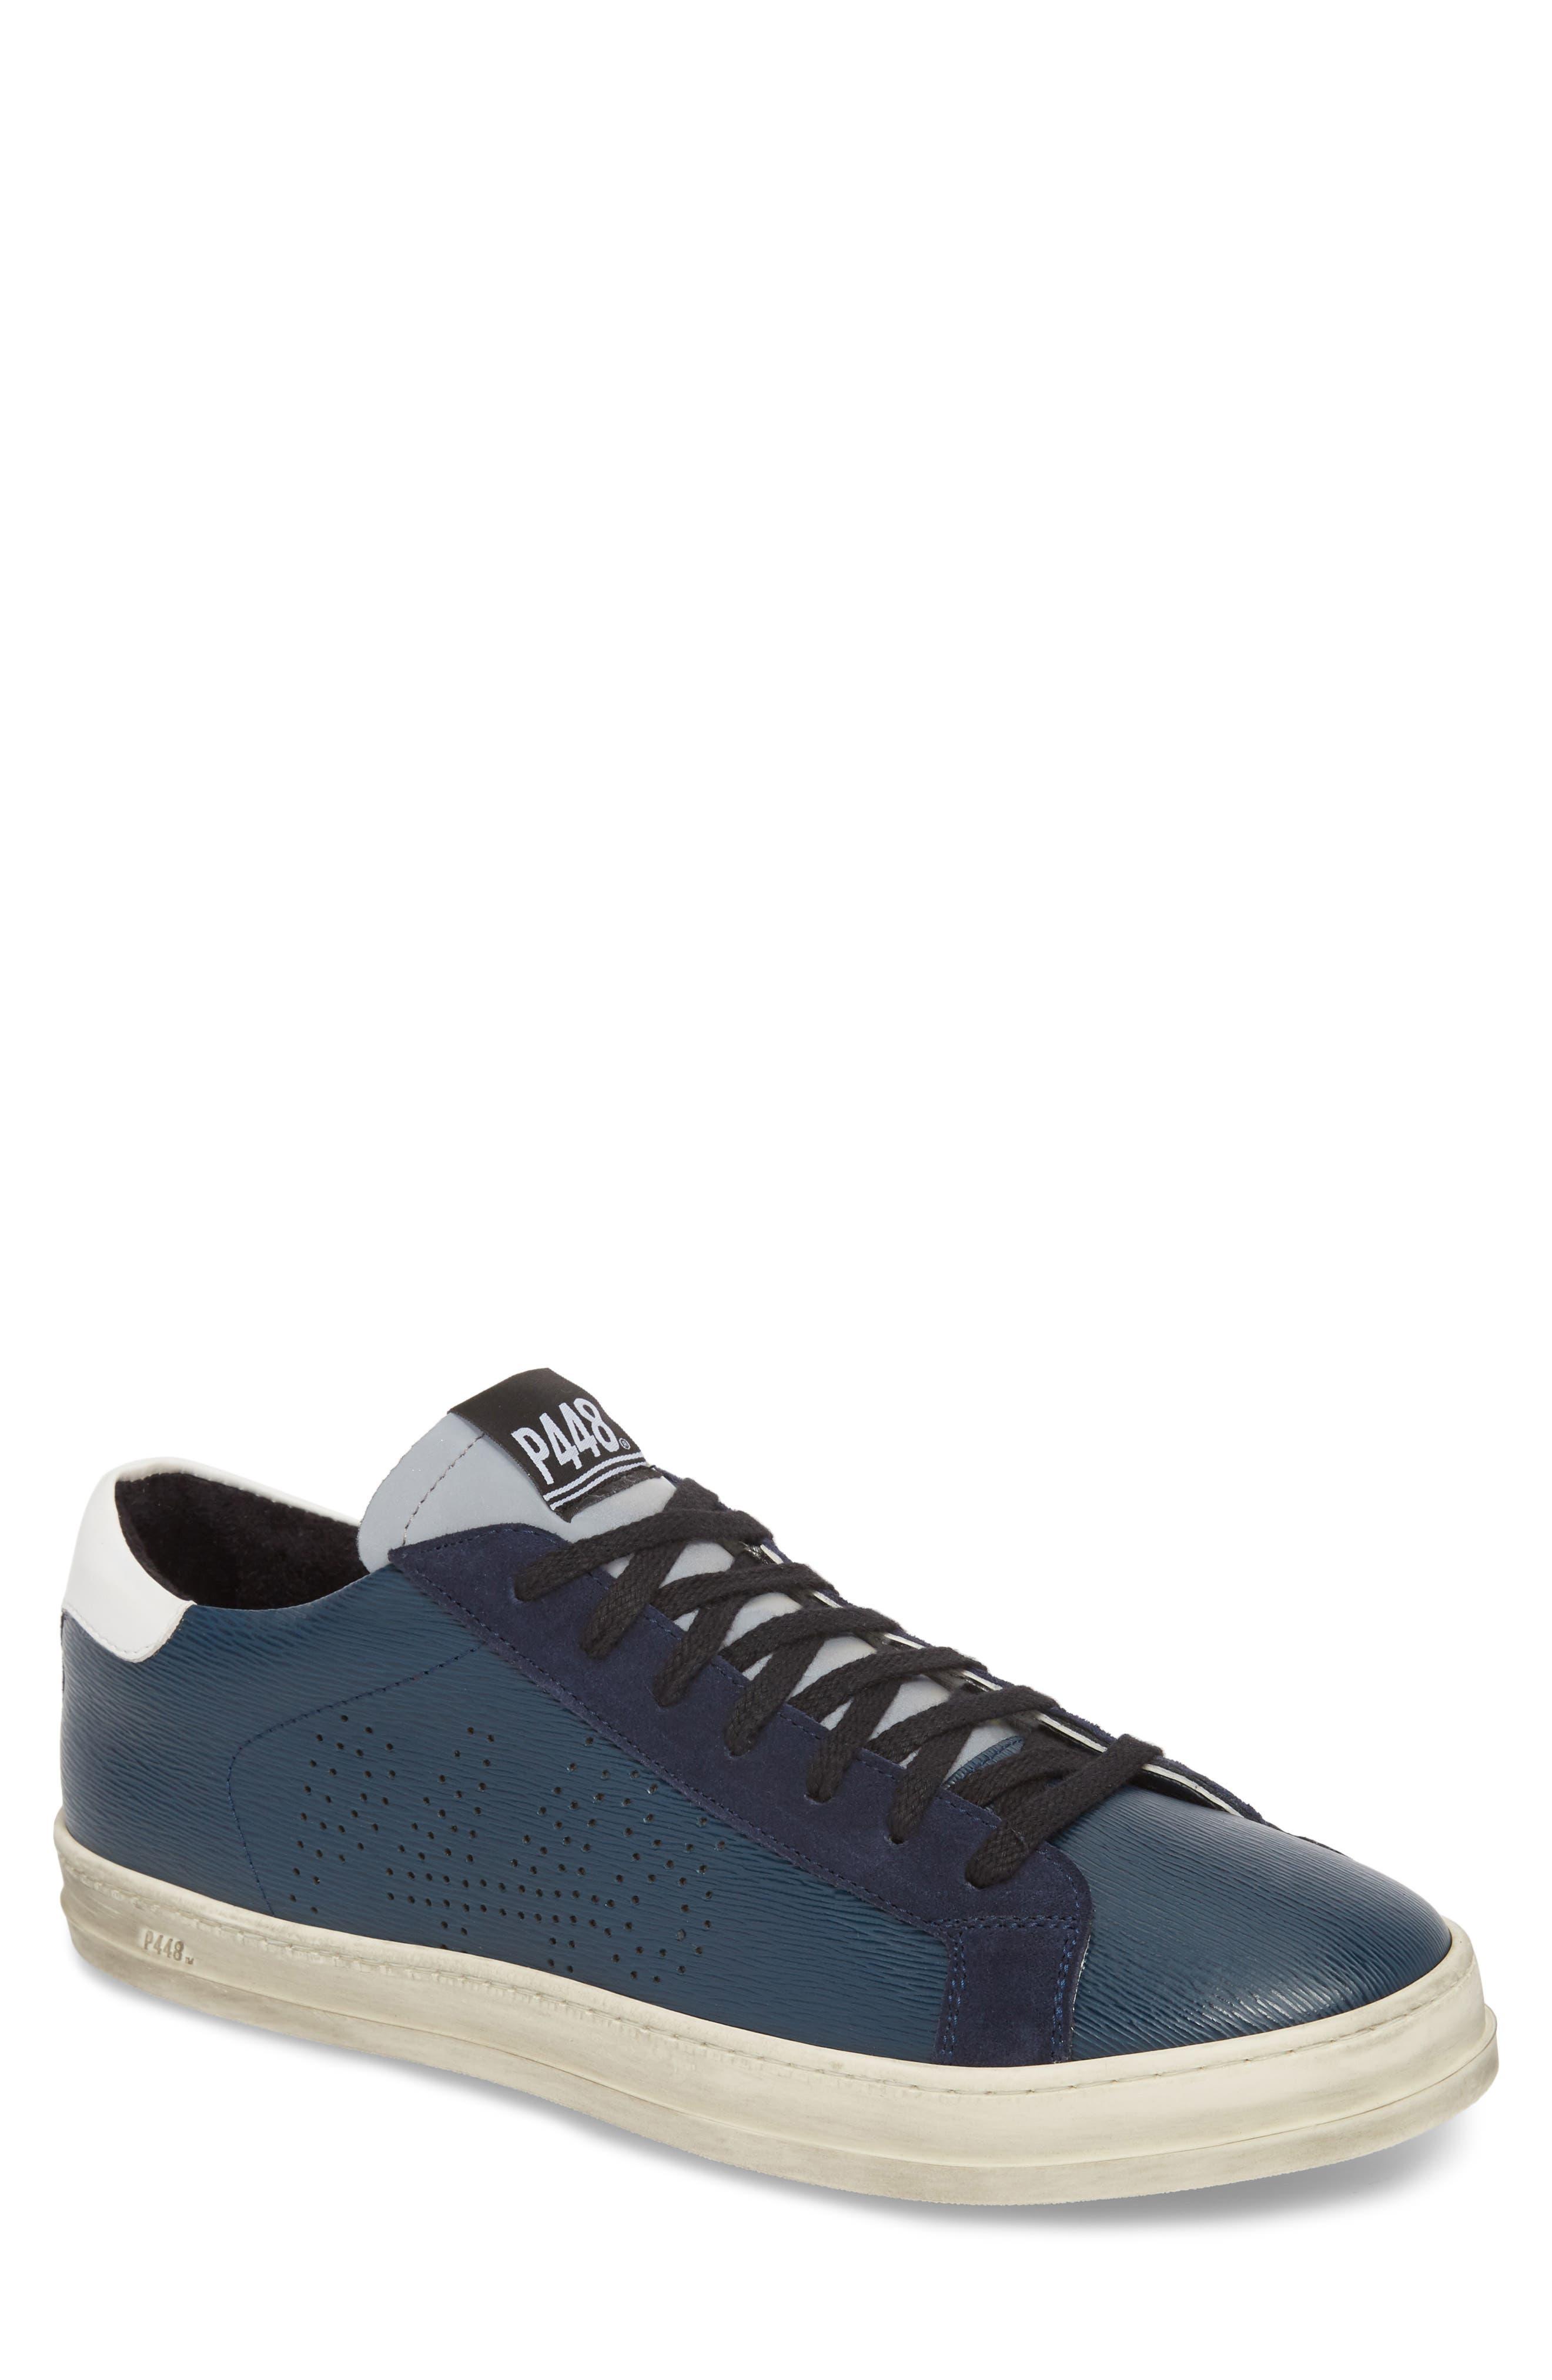 John Low Top Sneaker,                         Main,                         color, Navy